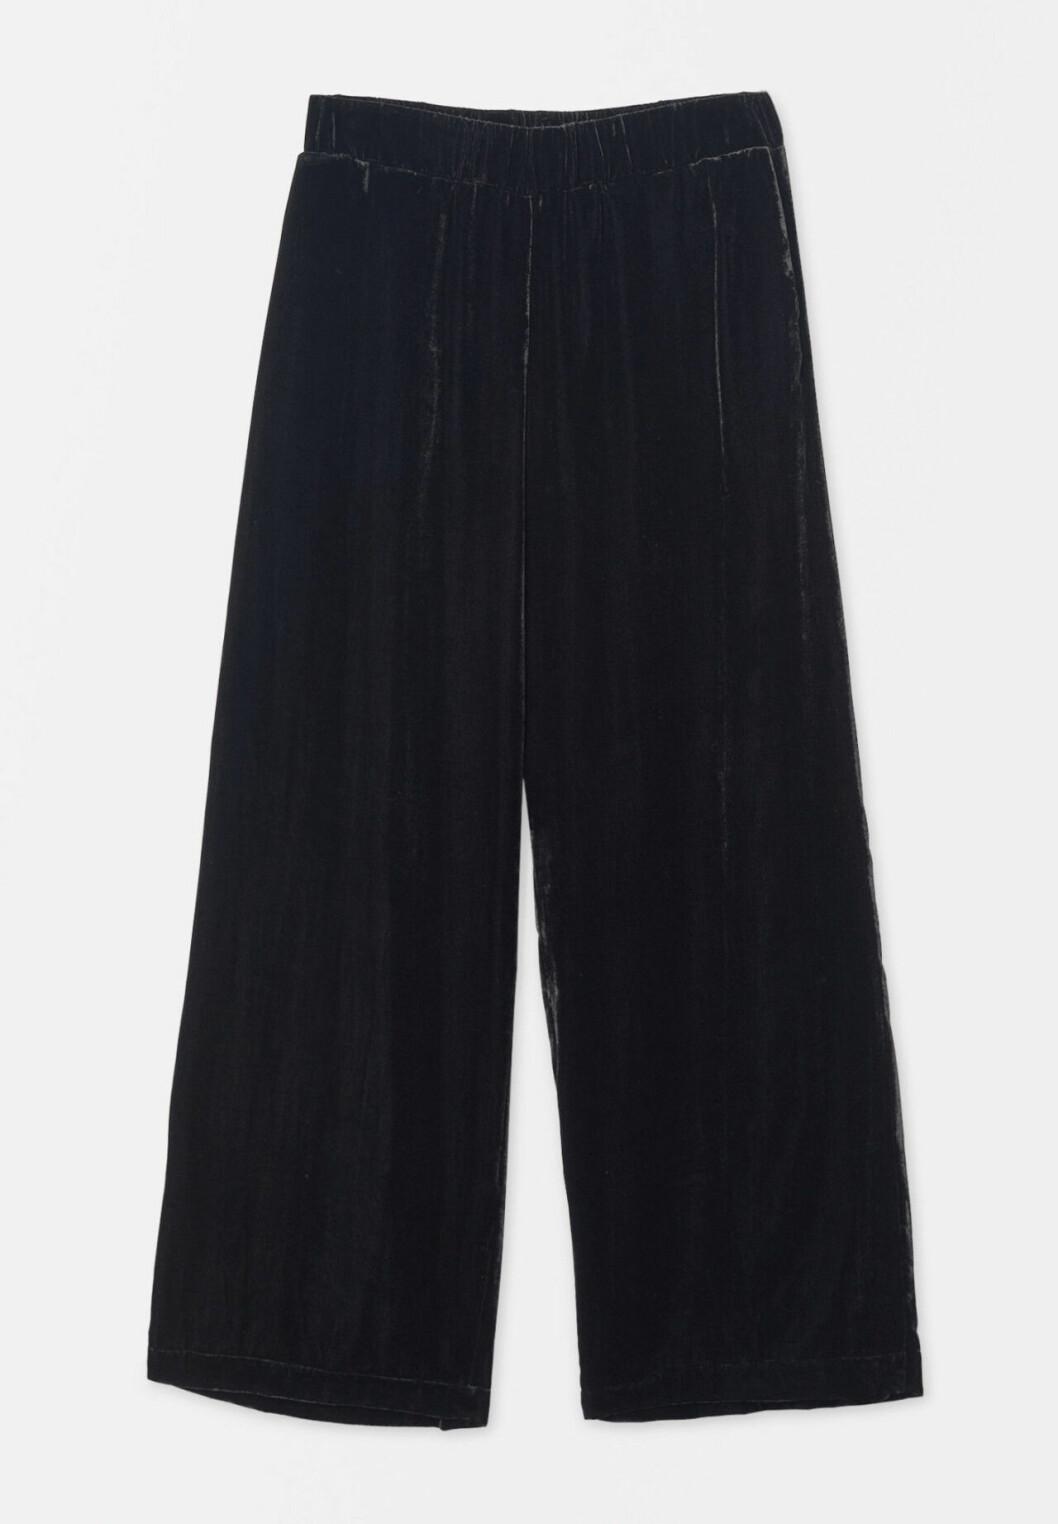 Matchande set: Svarta byxor i sammet från Wera